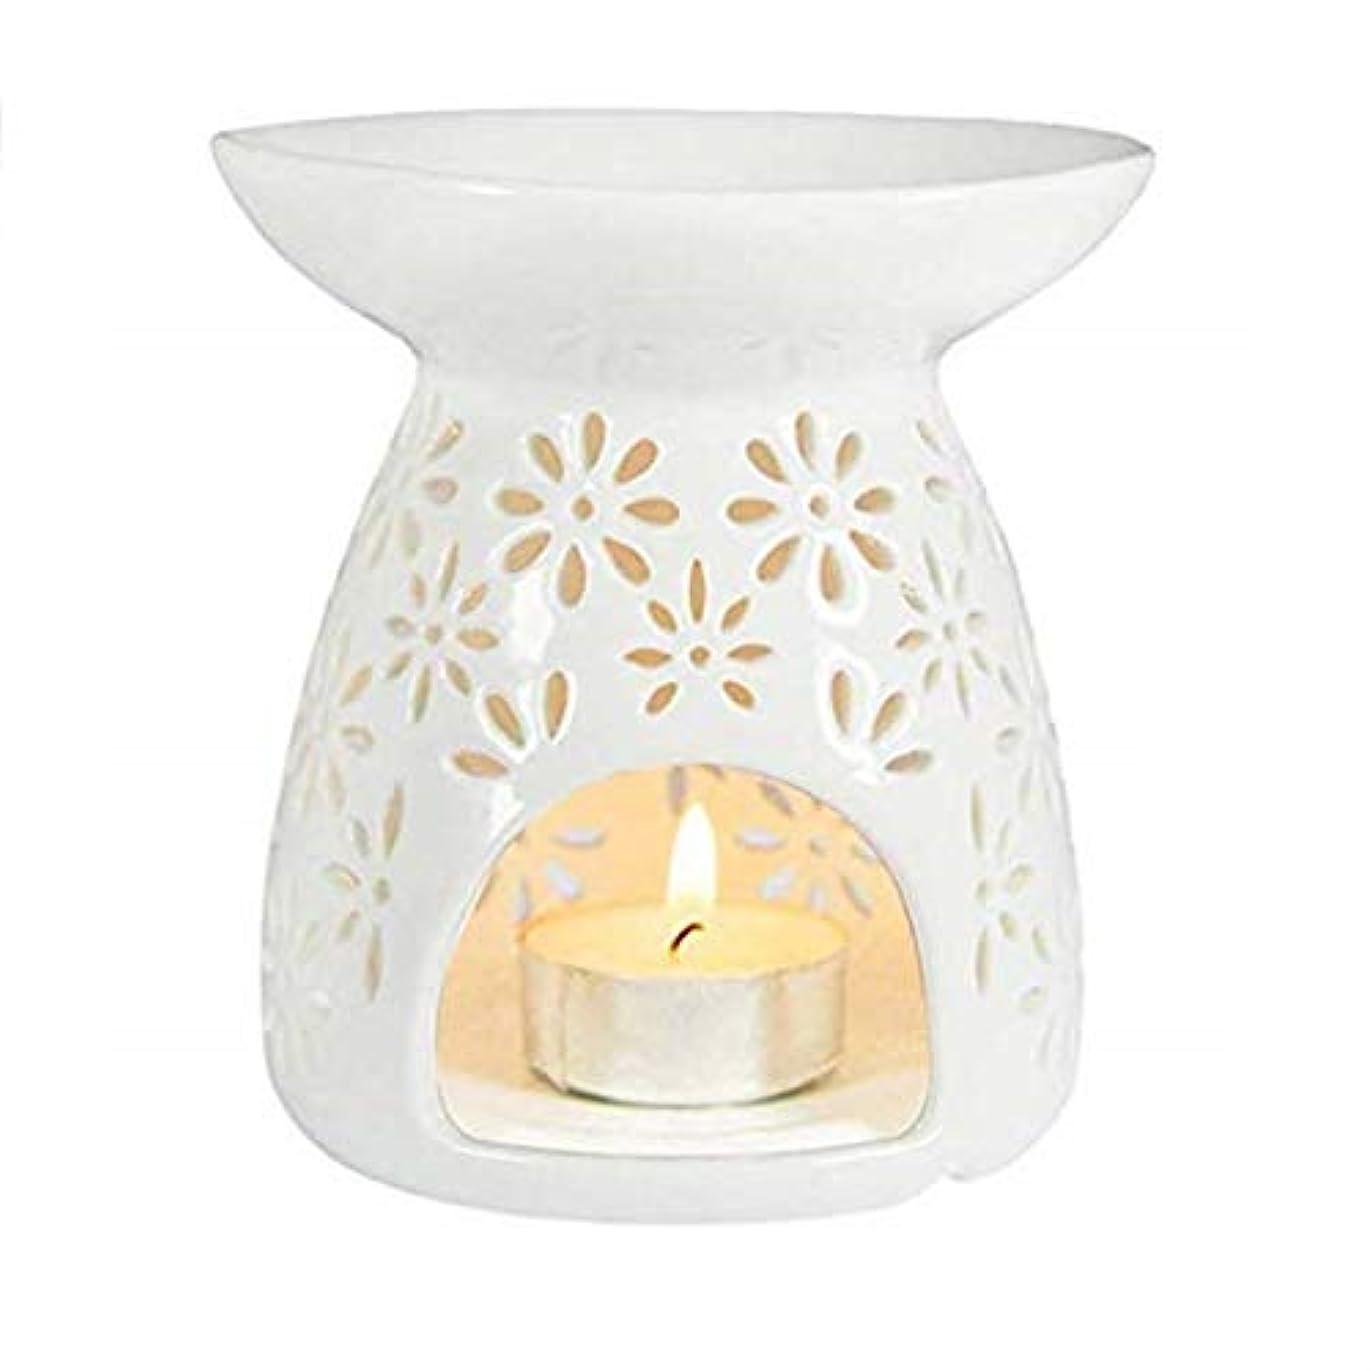 虫を数える振り返るバックシンプルモダン中空ラウンドセラミック香炉ホームフレグランスギフト装飾香ホルダーオイルバーナーティーライトホルダー (Color : White, サイズ : 3.74*3.93inchs)